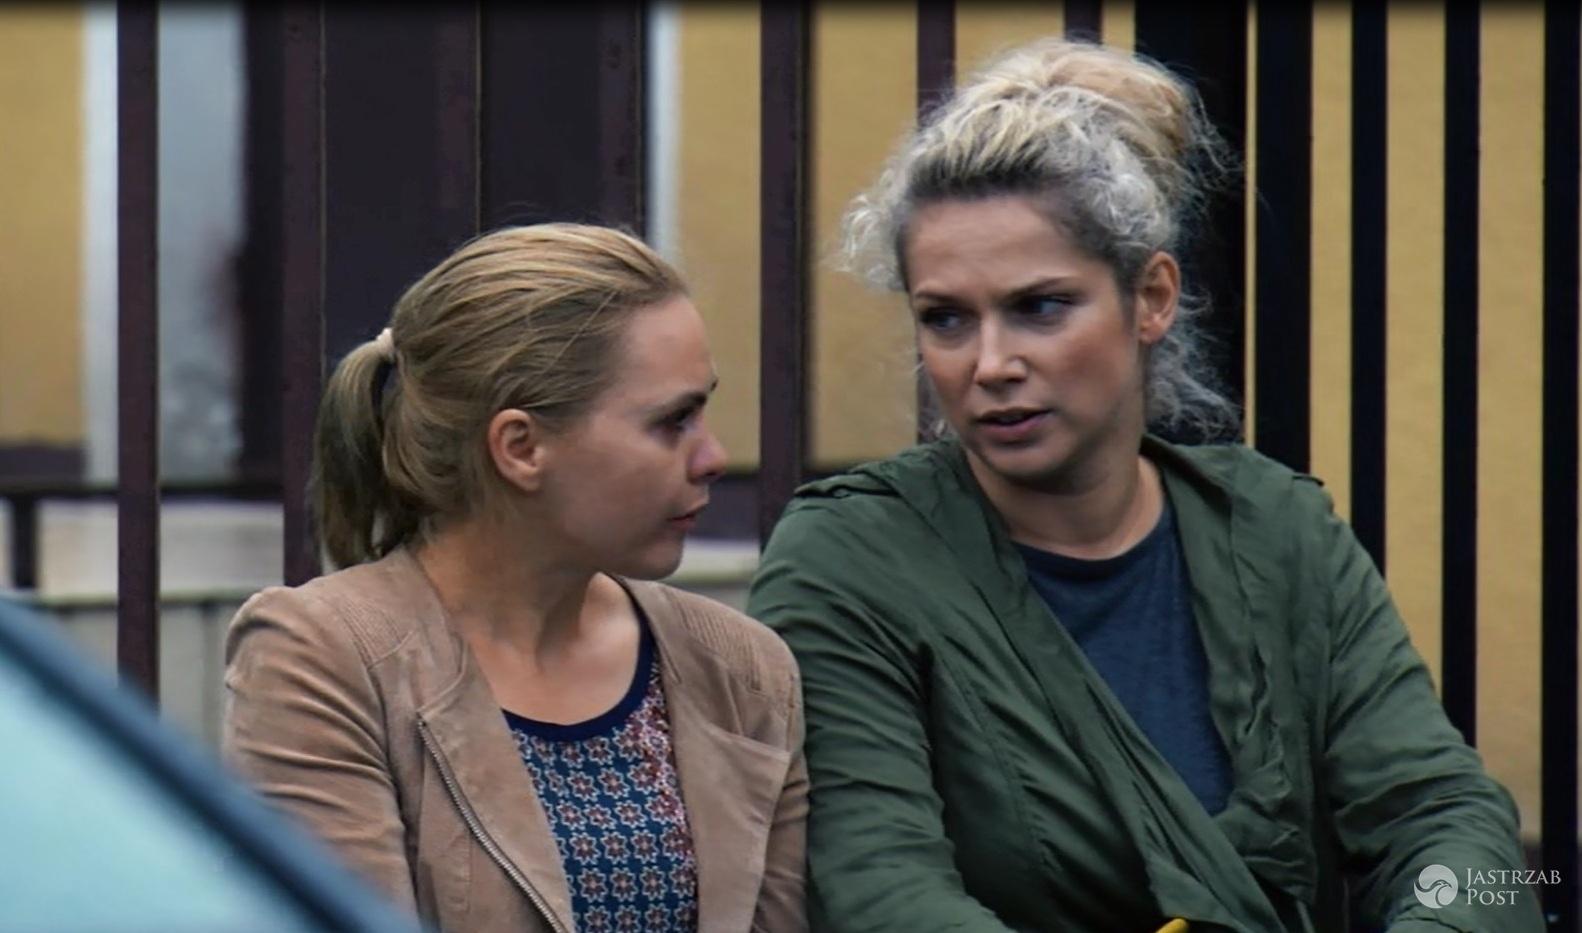 Przyjaciółki 6 odc 10, Anka (Magdalena Stużyńska), Patrycja (Joanna Liszowska) fot: Polsat materiały prasowe